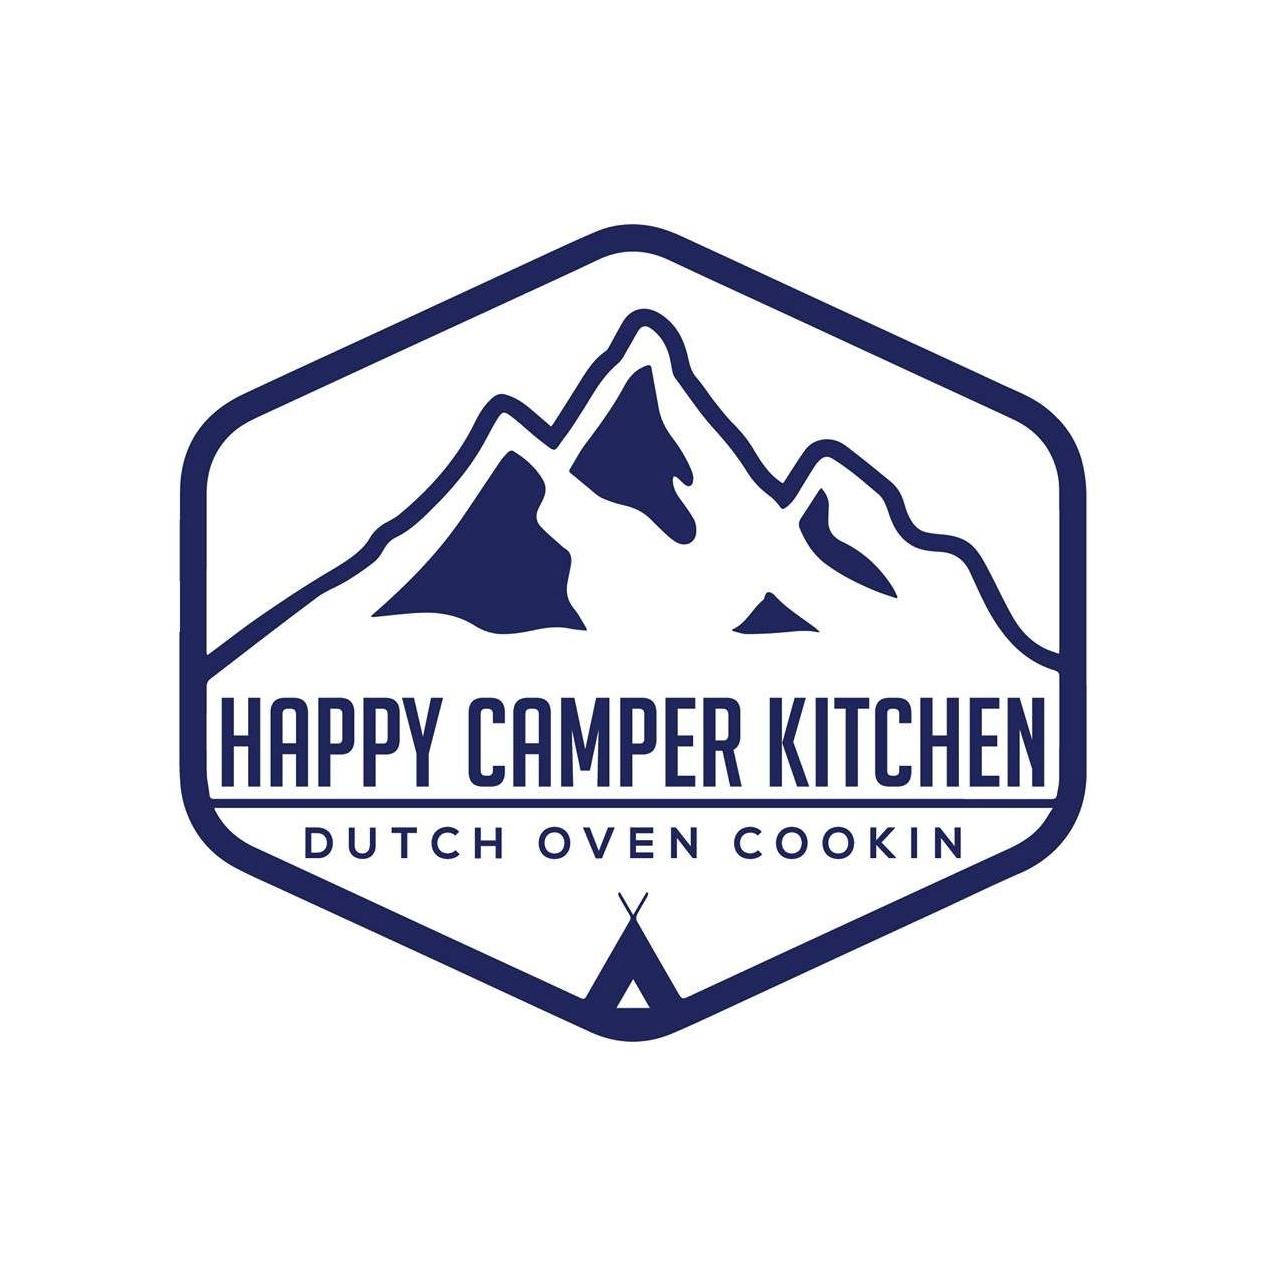 Happy Camper Kitchen logo